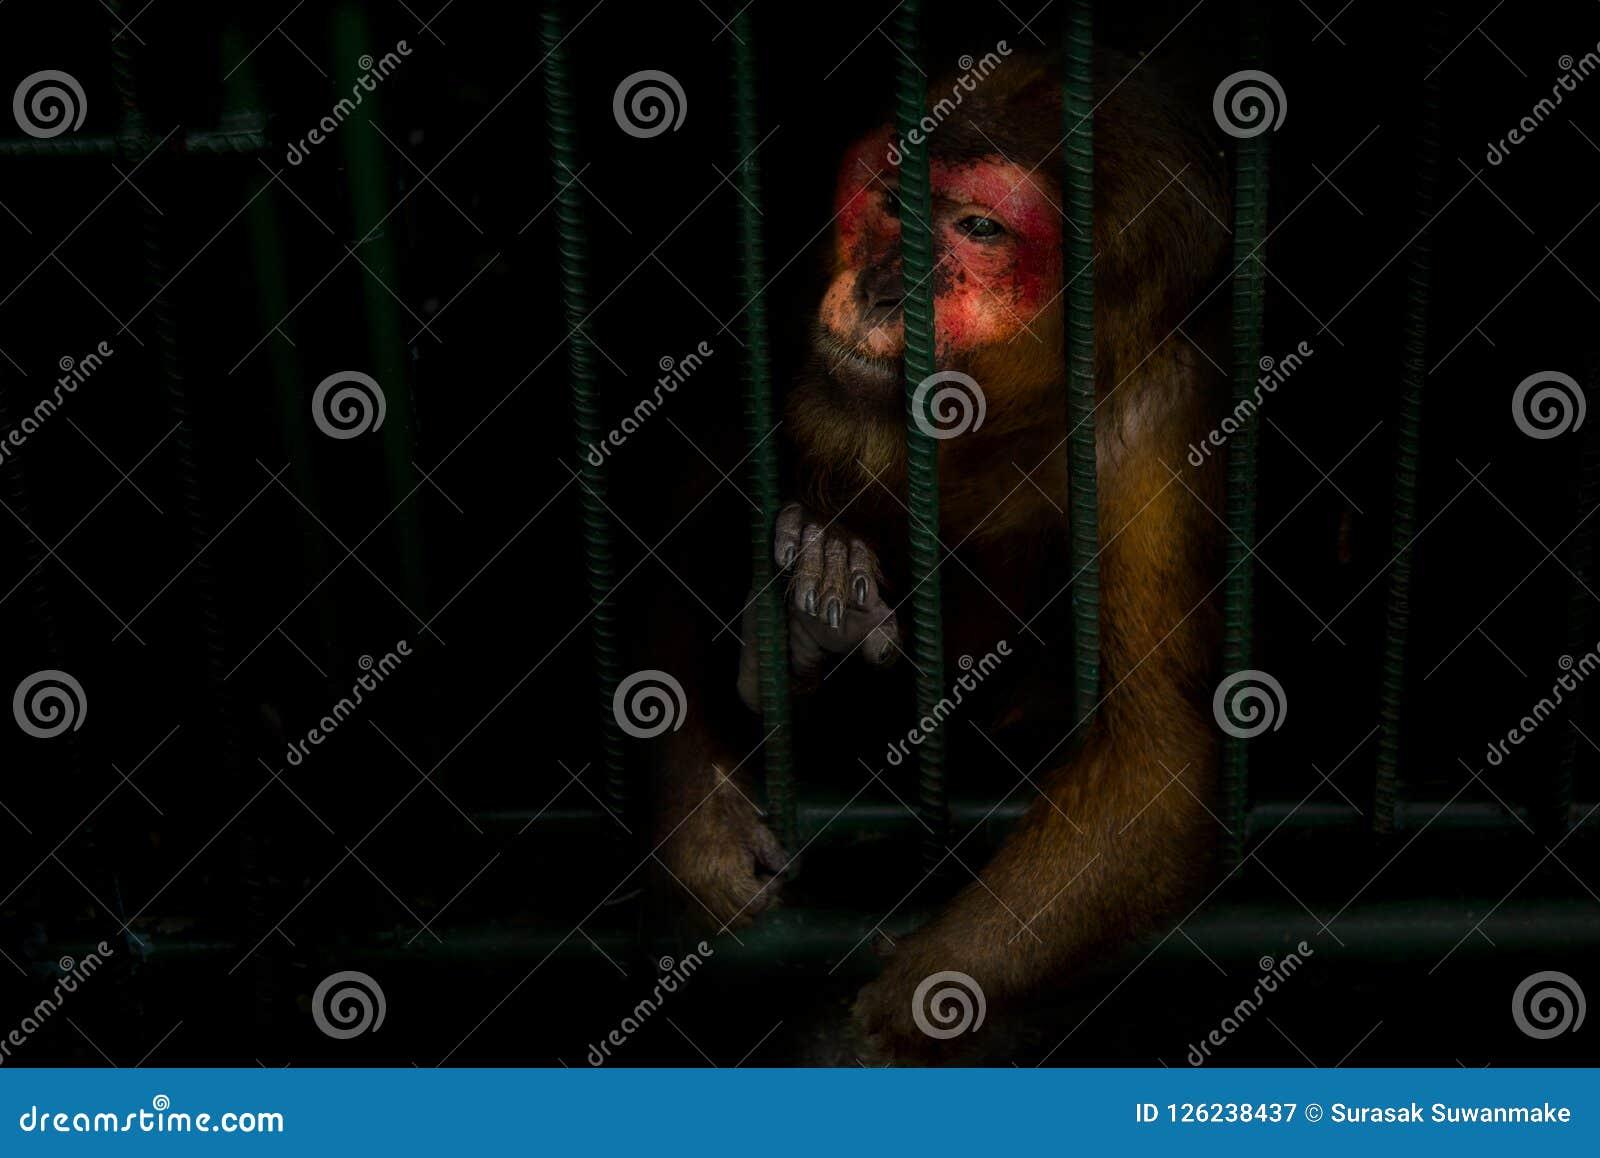 Małpy łapać w pułapkę w stalowej klatce i eksponują okrucieństwo ludzkość